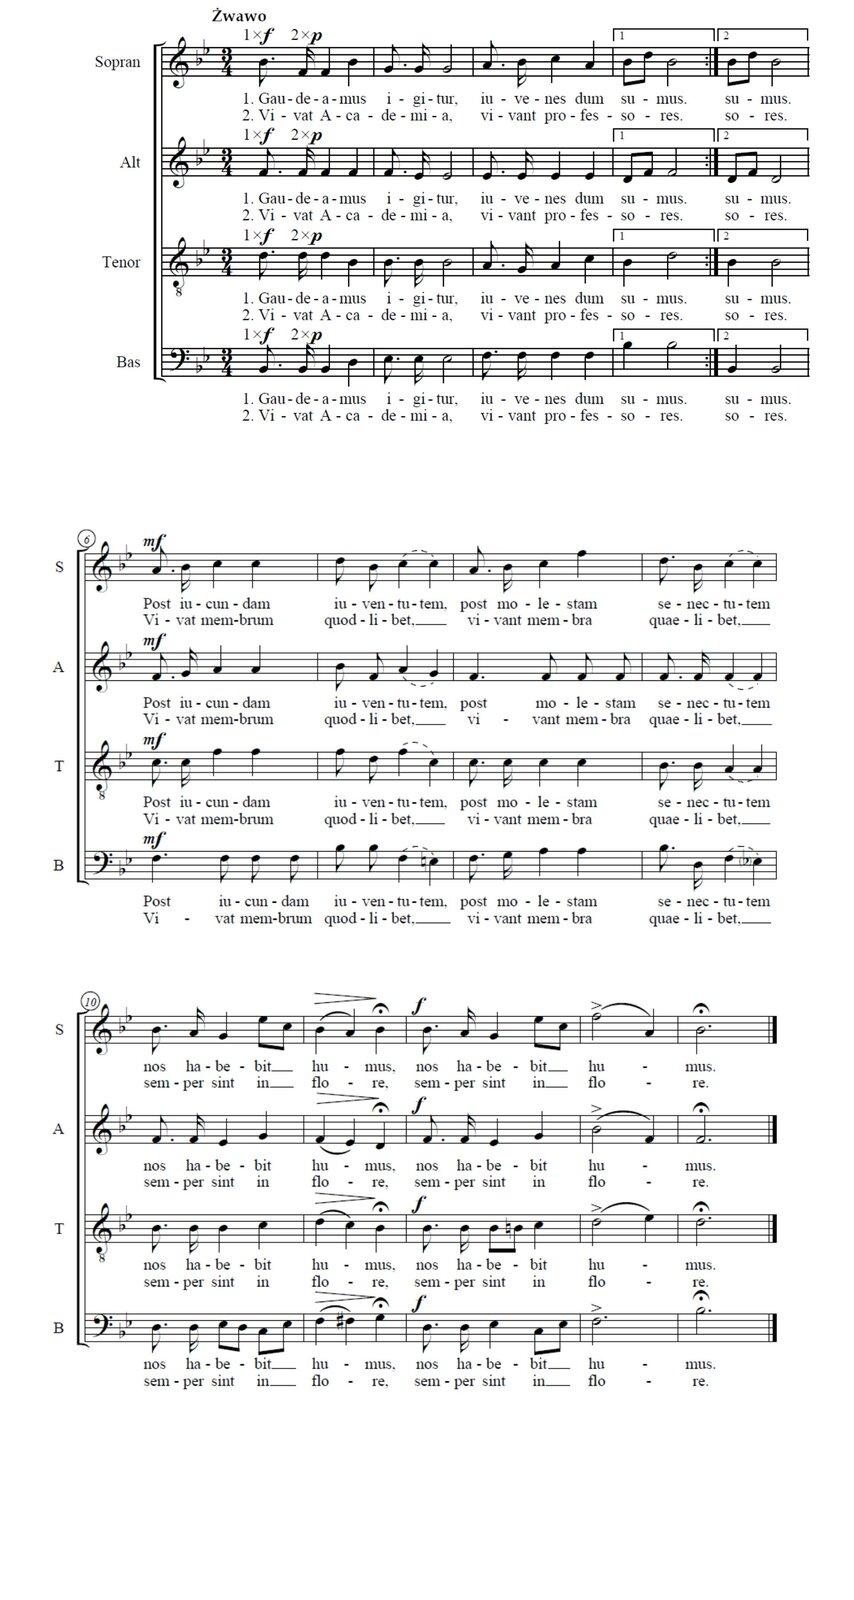 """Pełny zapis nutowy utworu """"Gaudeamus igitur"""". Utwór przeznaczony jest na 4 głosowy chór mieszany. Każdy system składa się z4 pięciolinii. Pierwsza znich przeznaczona jest dla sopranu, druga dla altu, trzecia dla tenoru, czwarta dla basu. Cały utwór składa się z3 systemów. Na początku każdej pięciolinii pojawia się klucz (w 3 górnych sopranowy, w4 basowy) po kluczu dwa bemole bies. Pierwsze dźwięki utworu to wkolejności: b, f, d, b."""